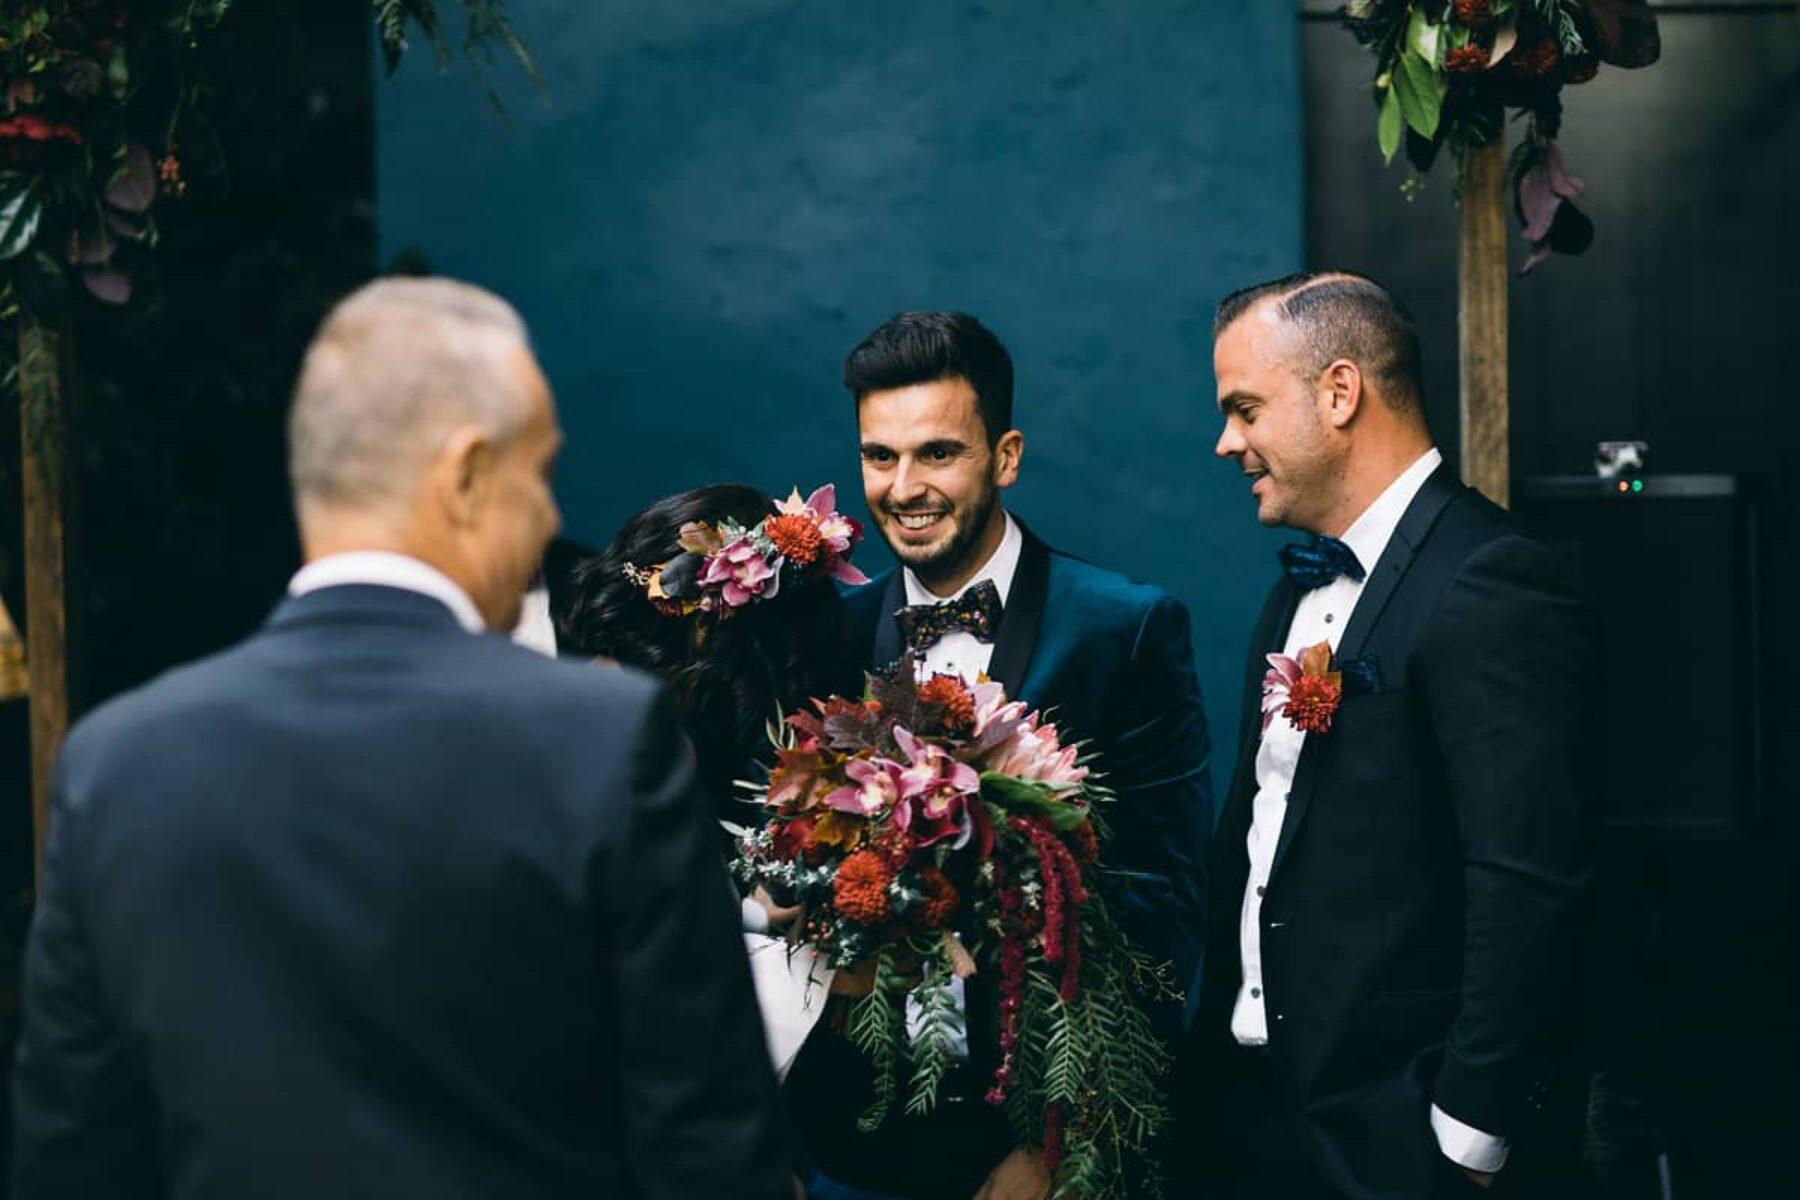 Modern wedding at Rupert on Rupert - Leo Farrell Photography